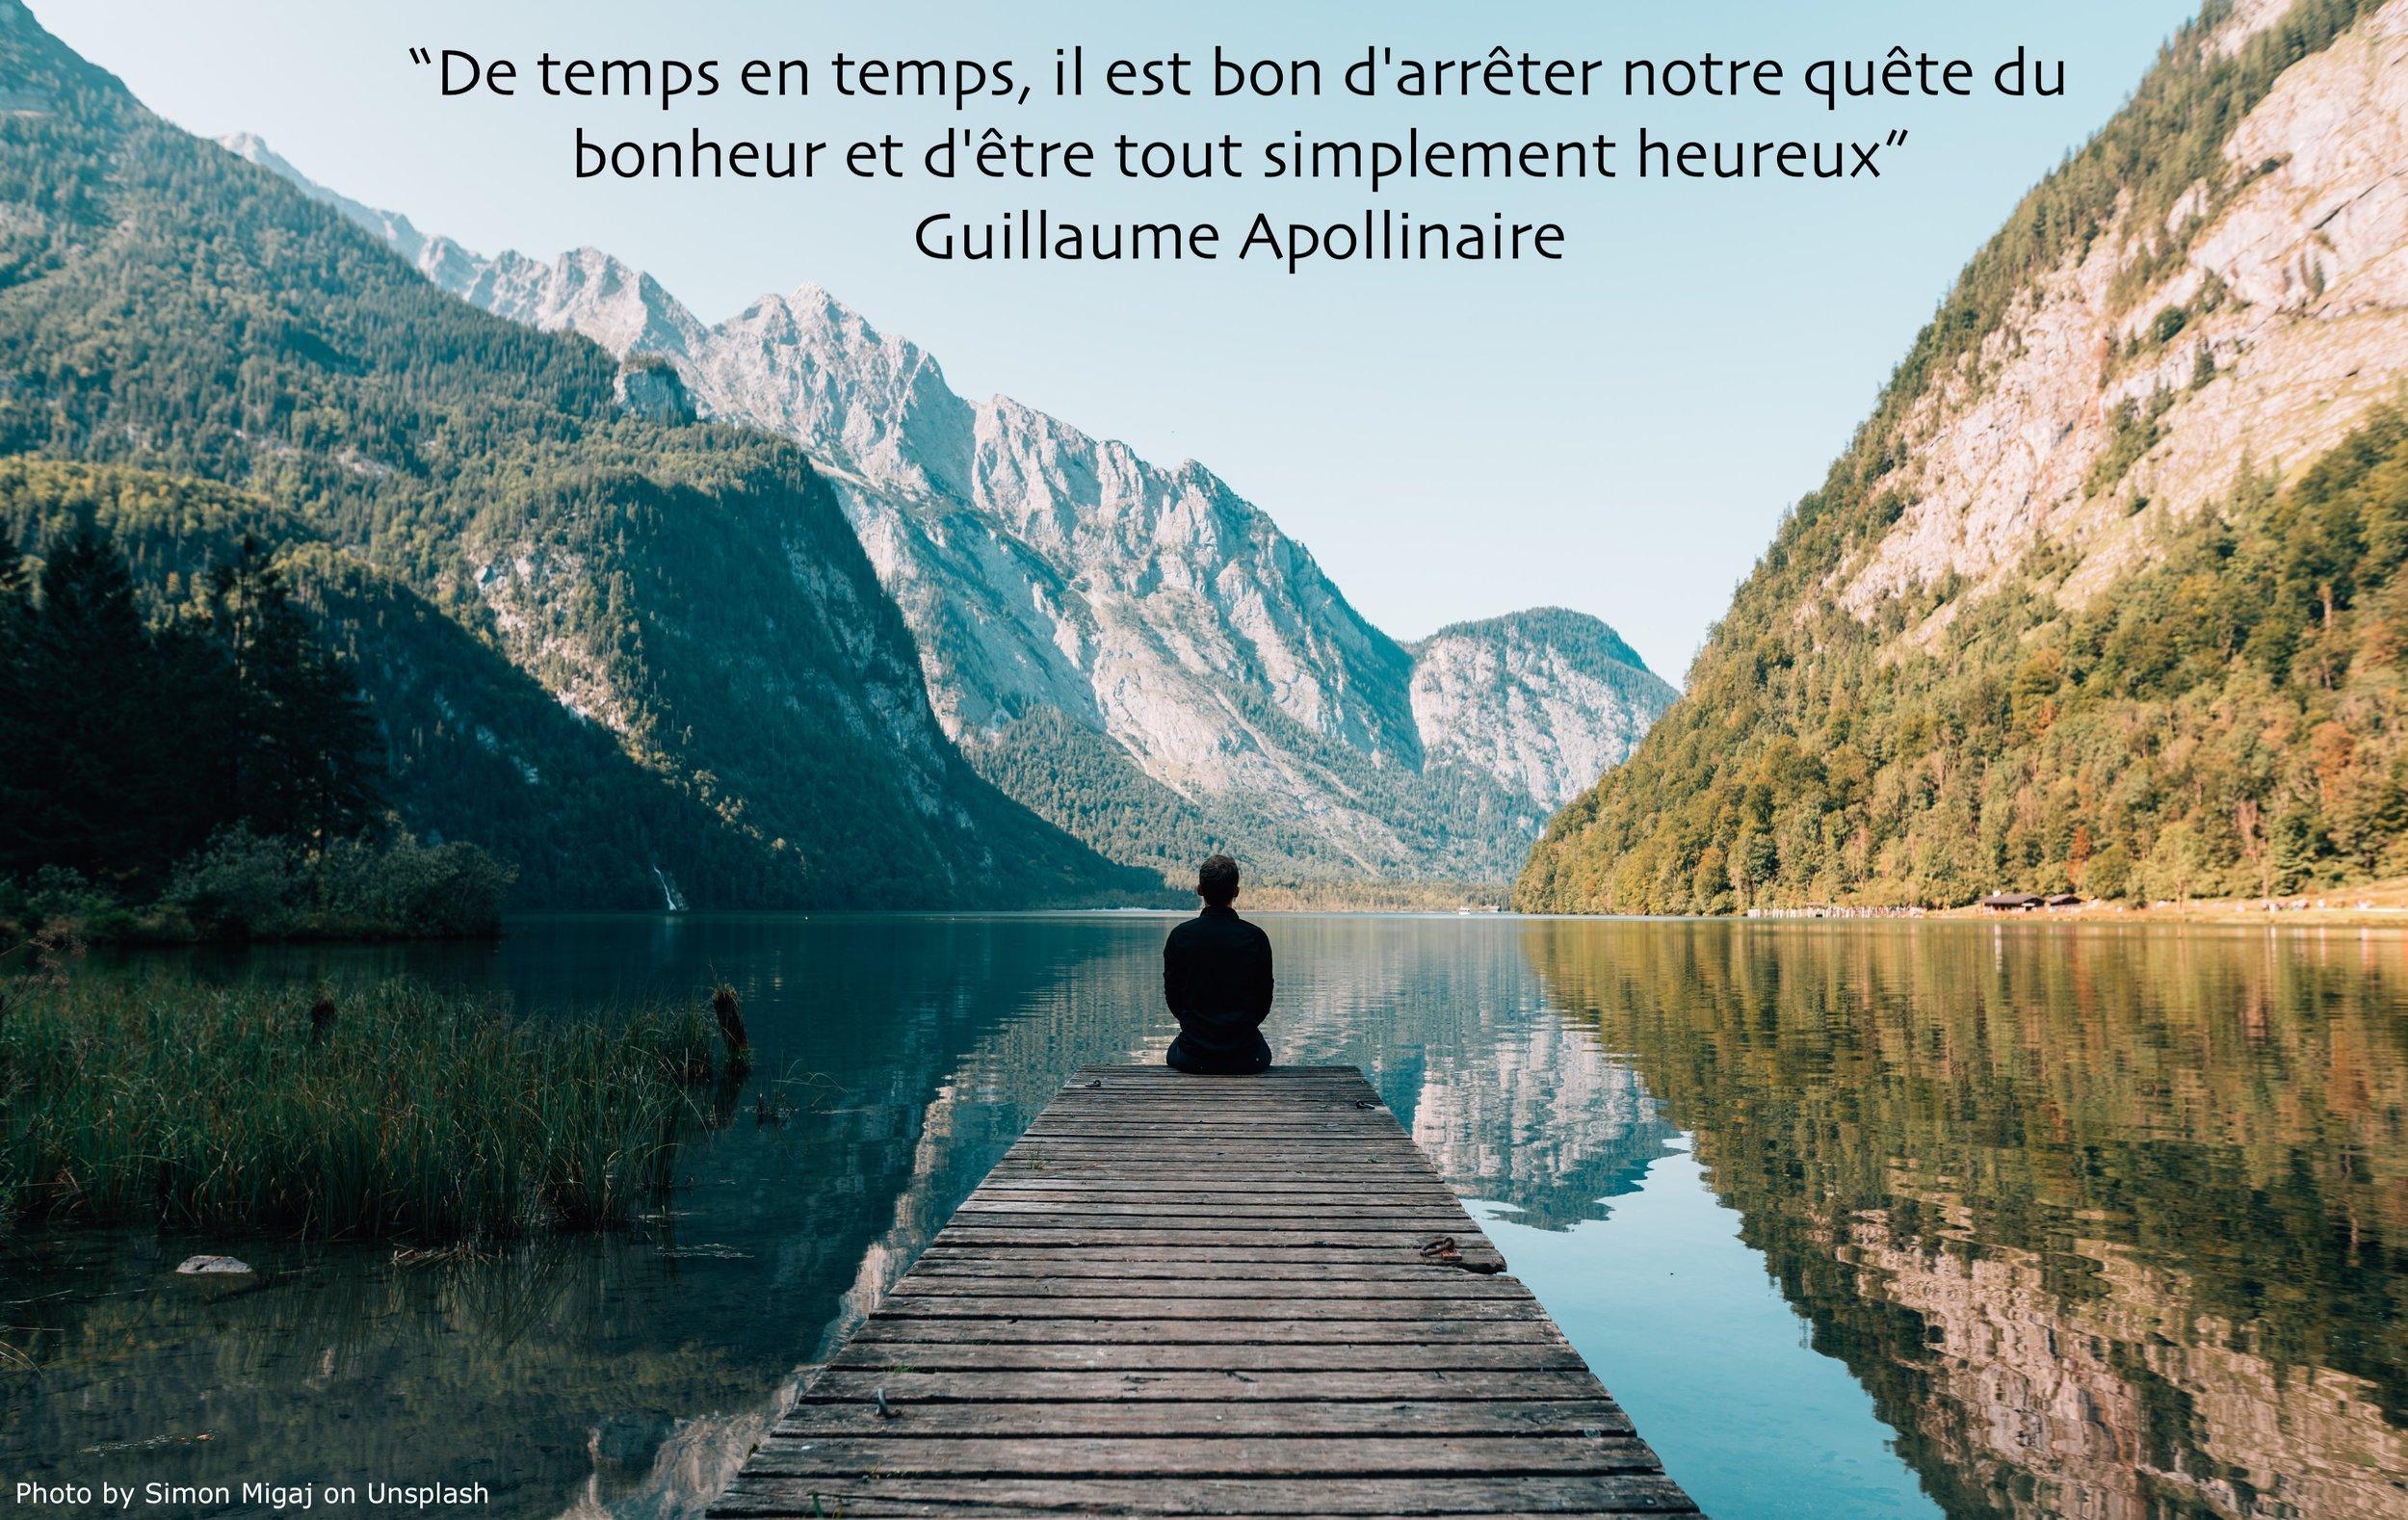 """""""De vez en cuando nos hace bien detener nuestra búsqueda de la felicidad y simplemente ser feliz …""""  """"Now and then, it's good to pause in your pursuit of happiness and just be happy …"""" ~Guillaume Apollinaire"""